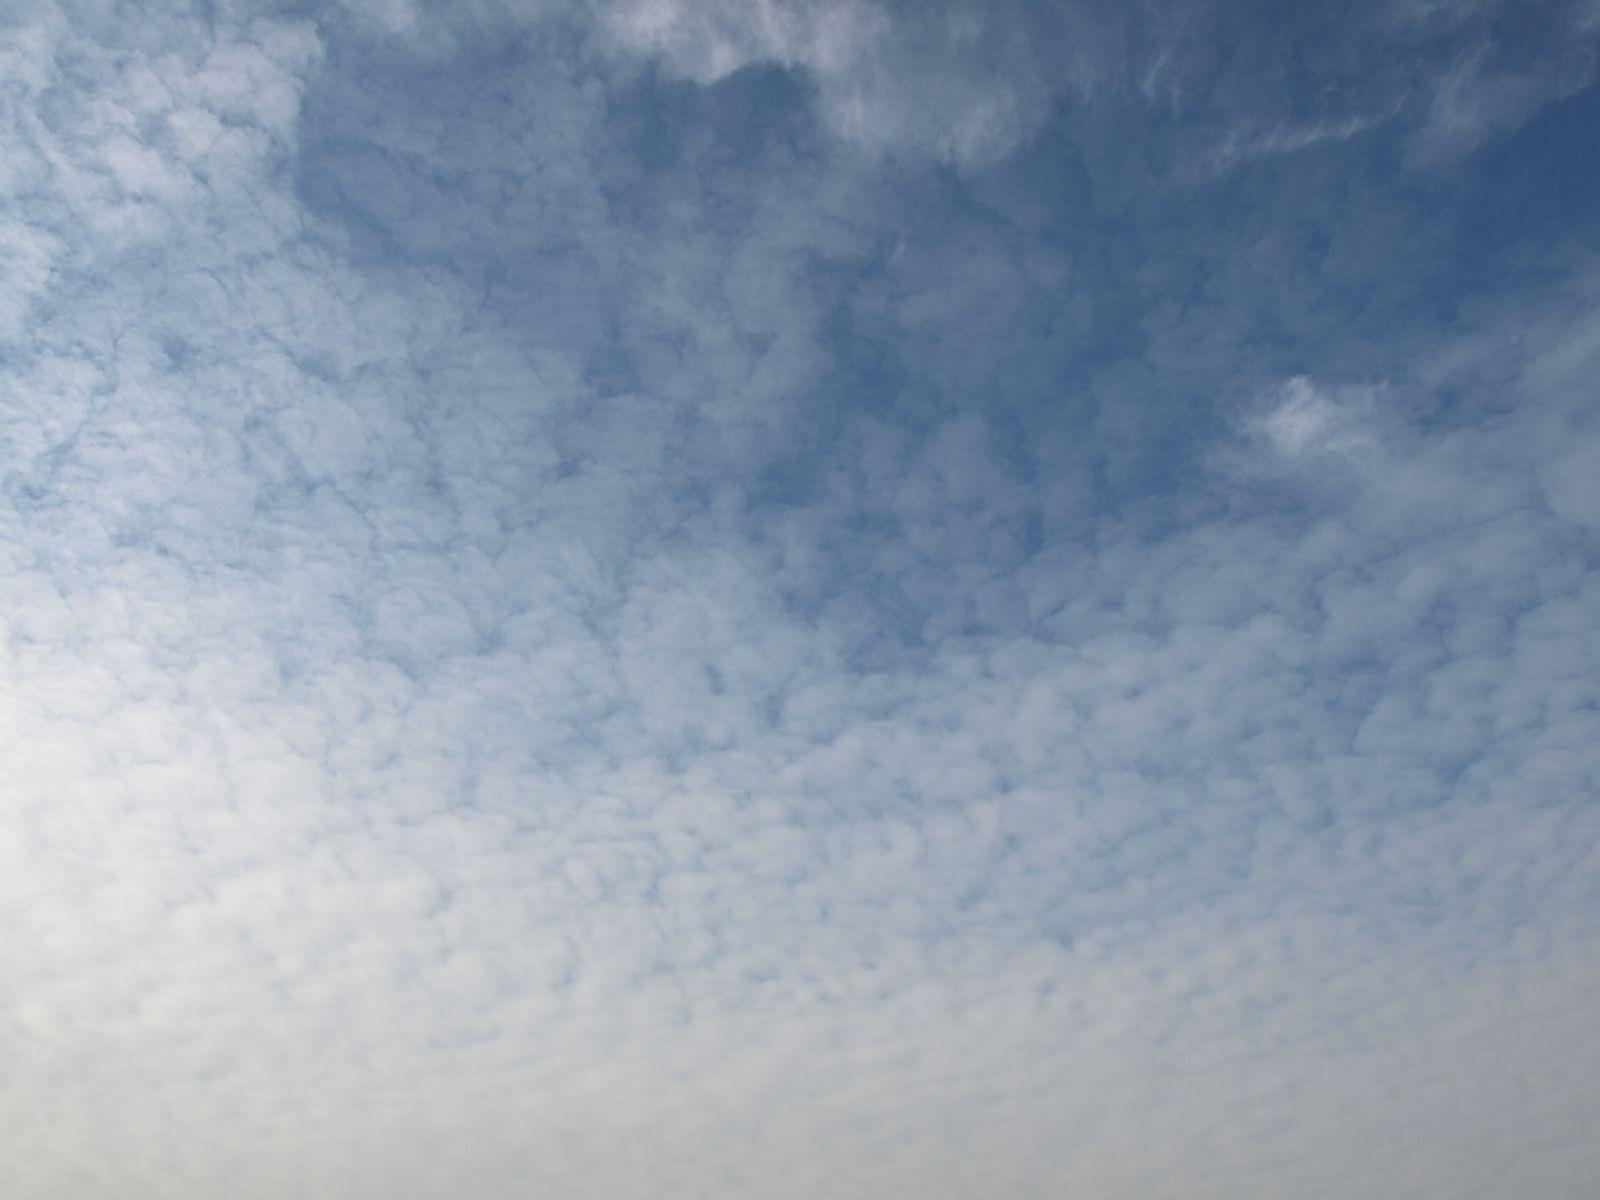 Himmel-Wolken-Foto_Textur_A_P9195037